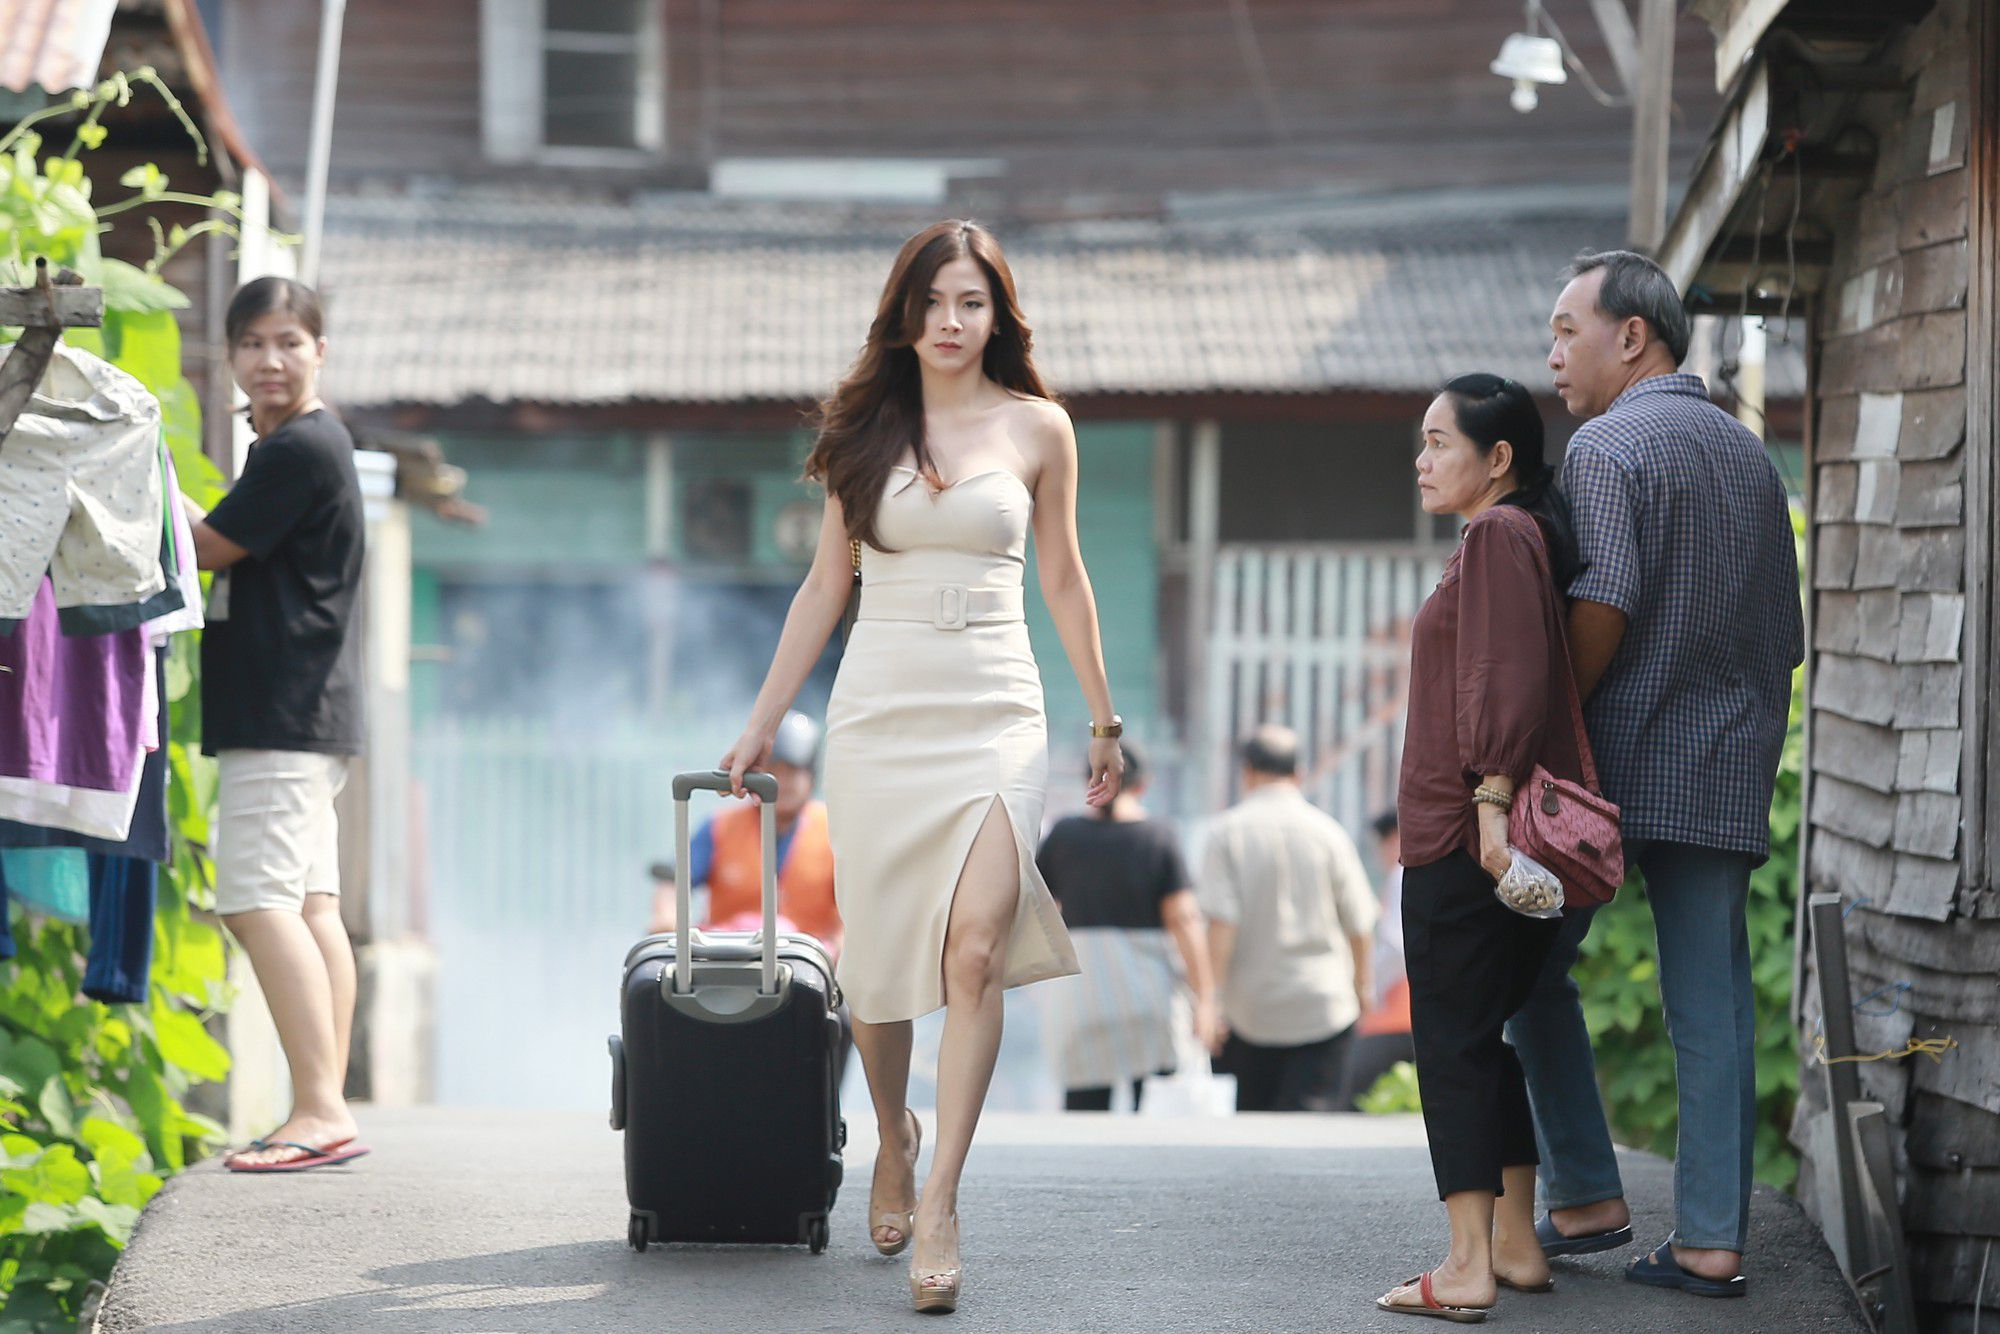 Đây là 2 phim Thái táo bạo về gái làng chơi khiến khán giả giật mình (4)